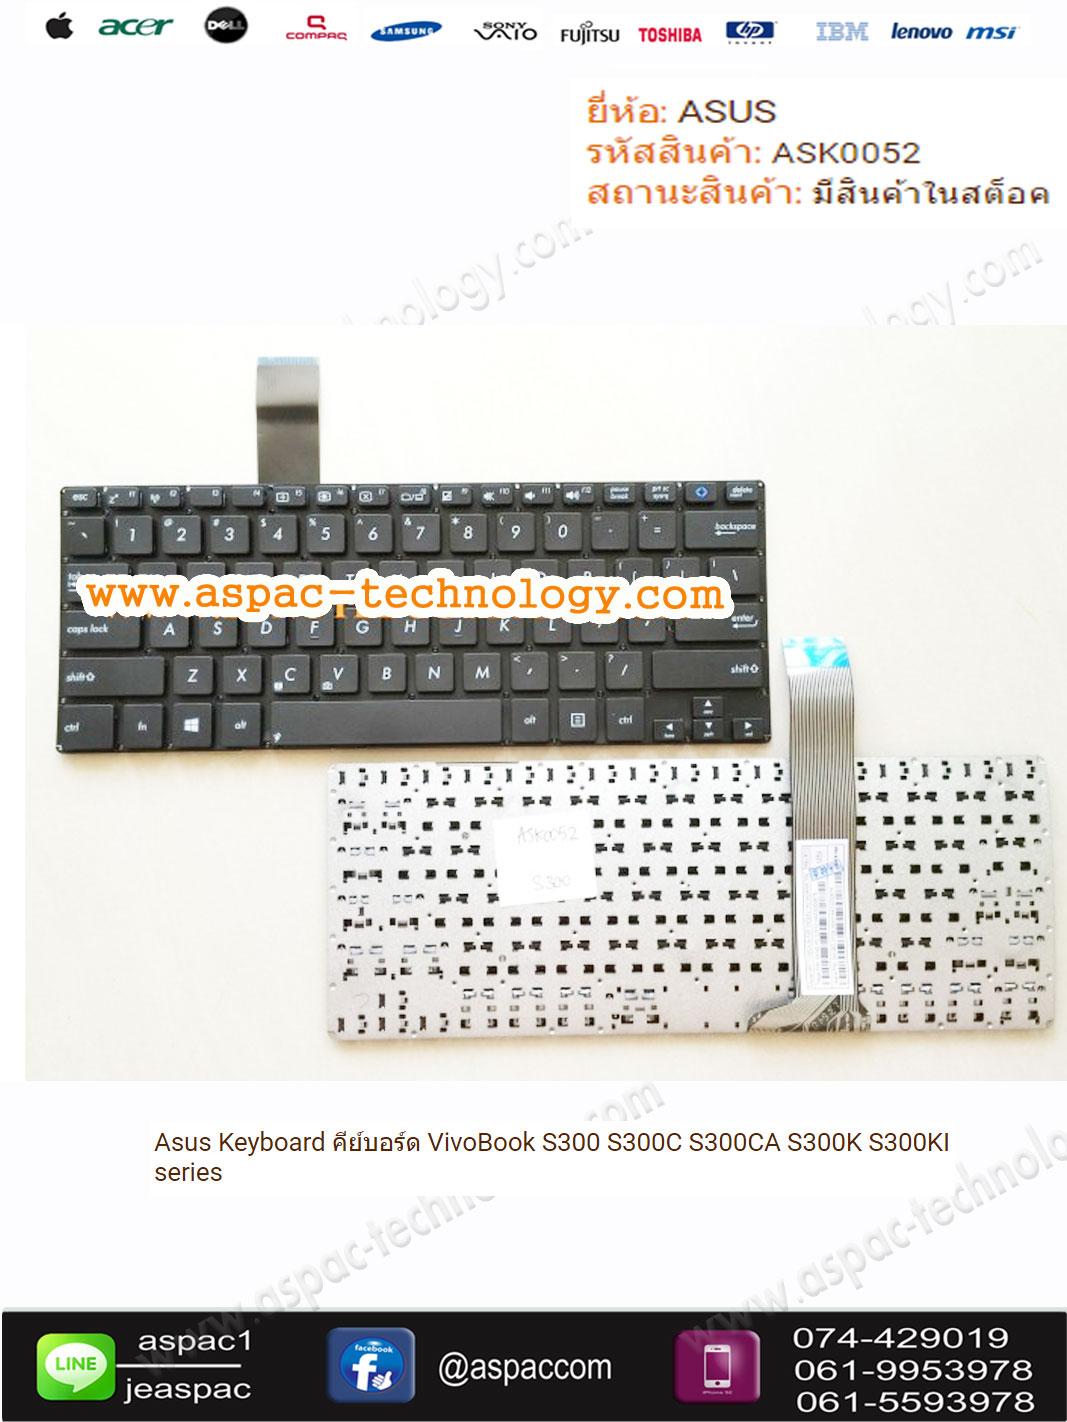 Asus Keyboard คีย์บอร์ด VivoBook S300 S300C S300CA S300K S300KI series